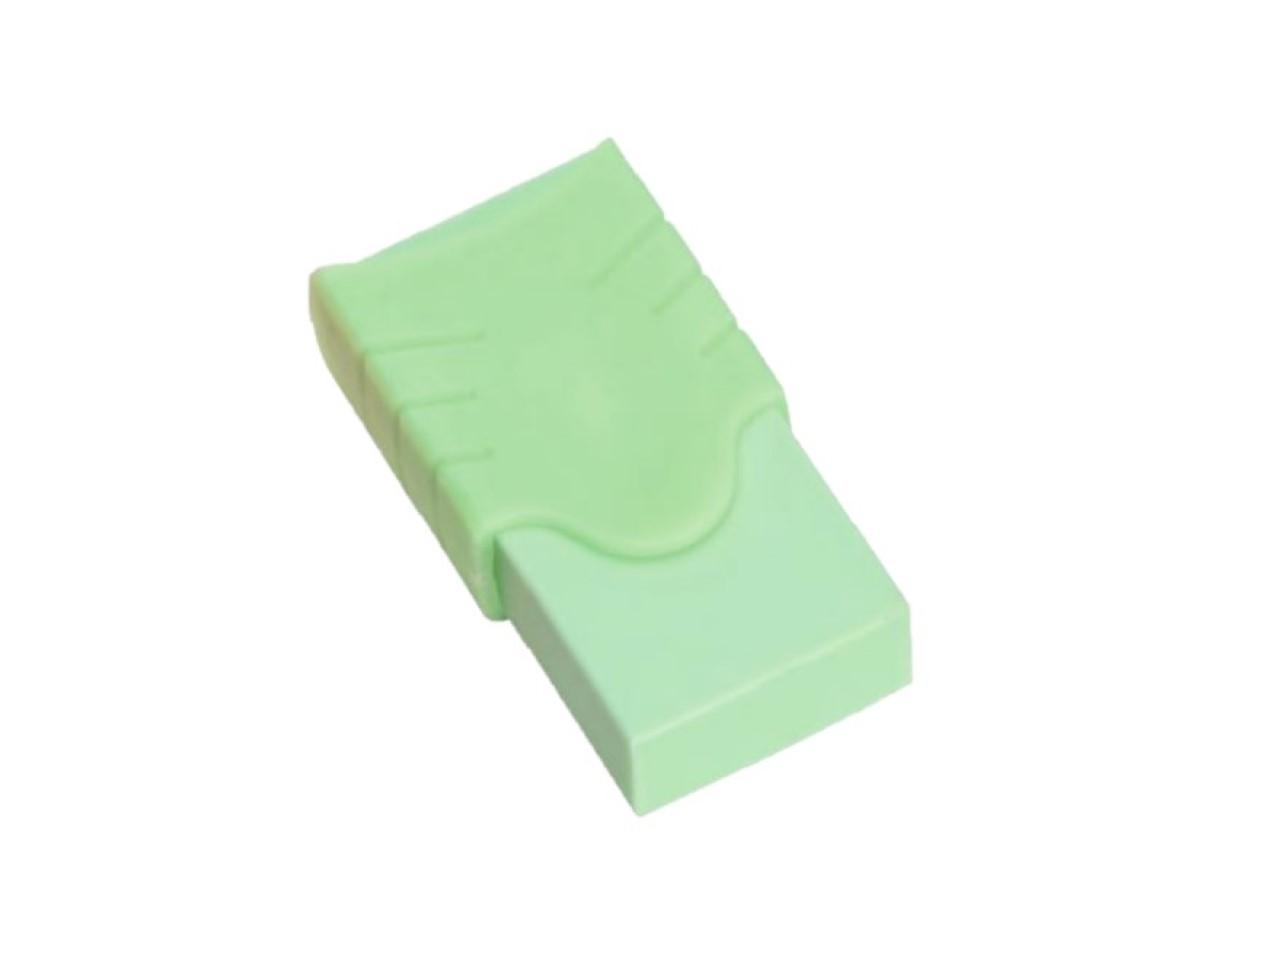 Borracha TPR Pastel - Verde